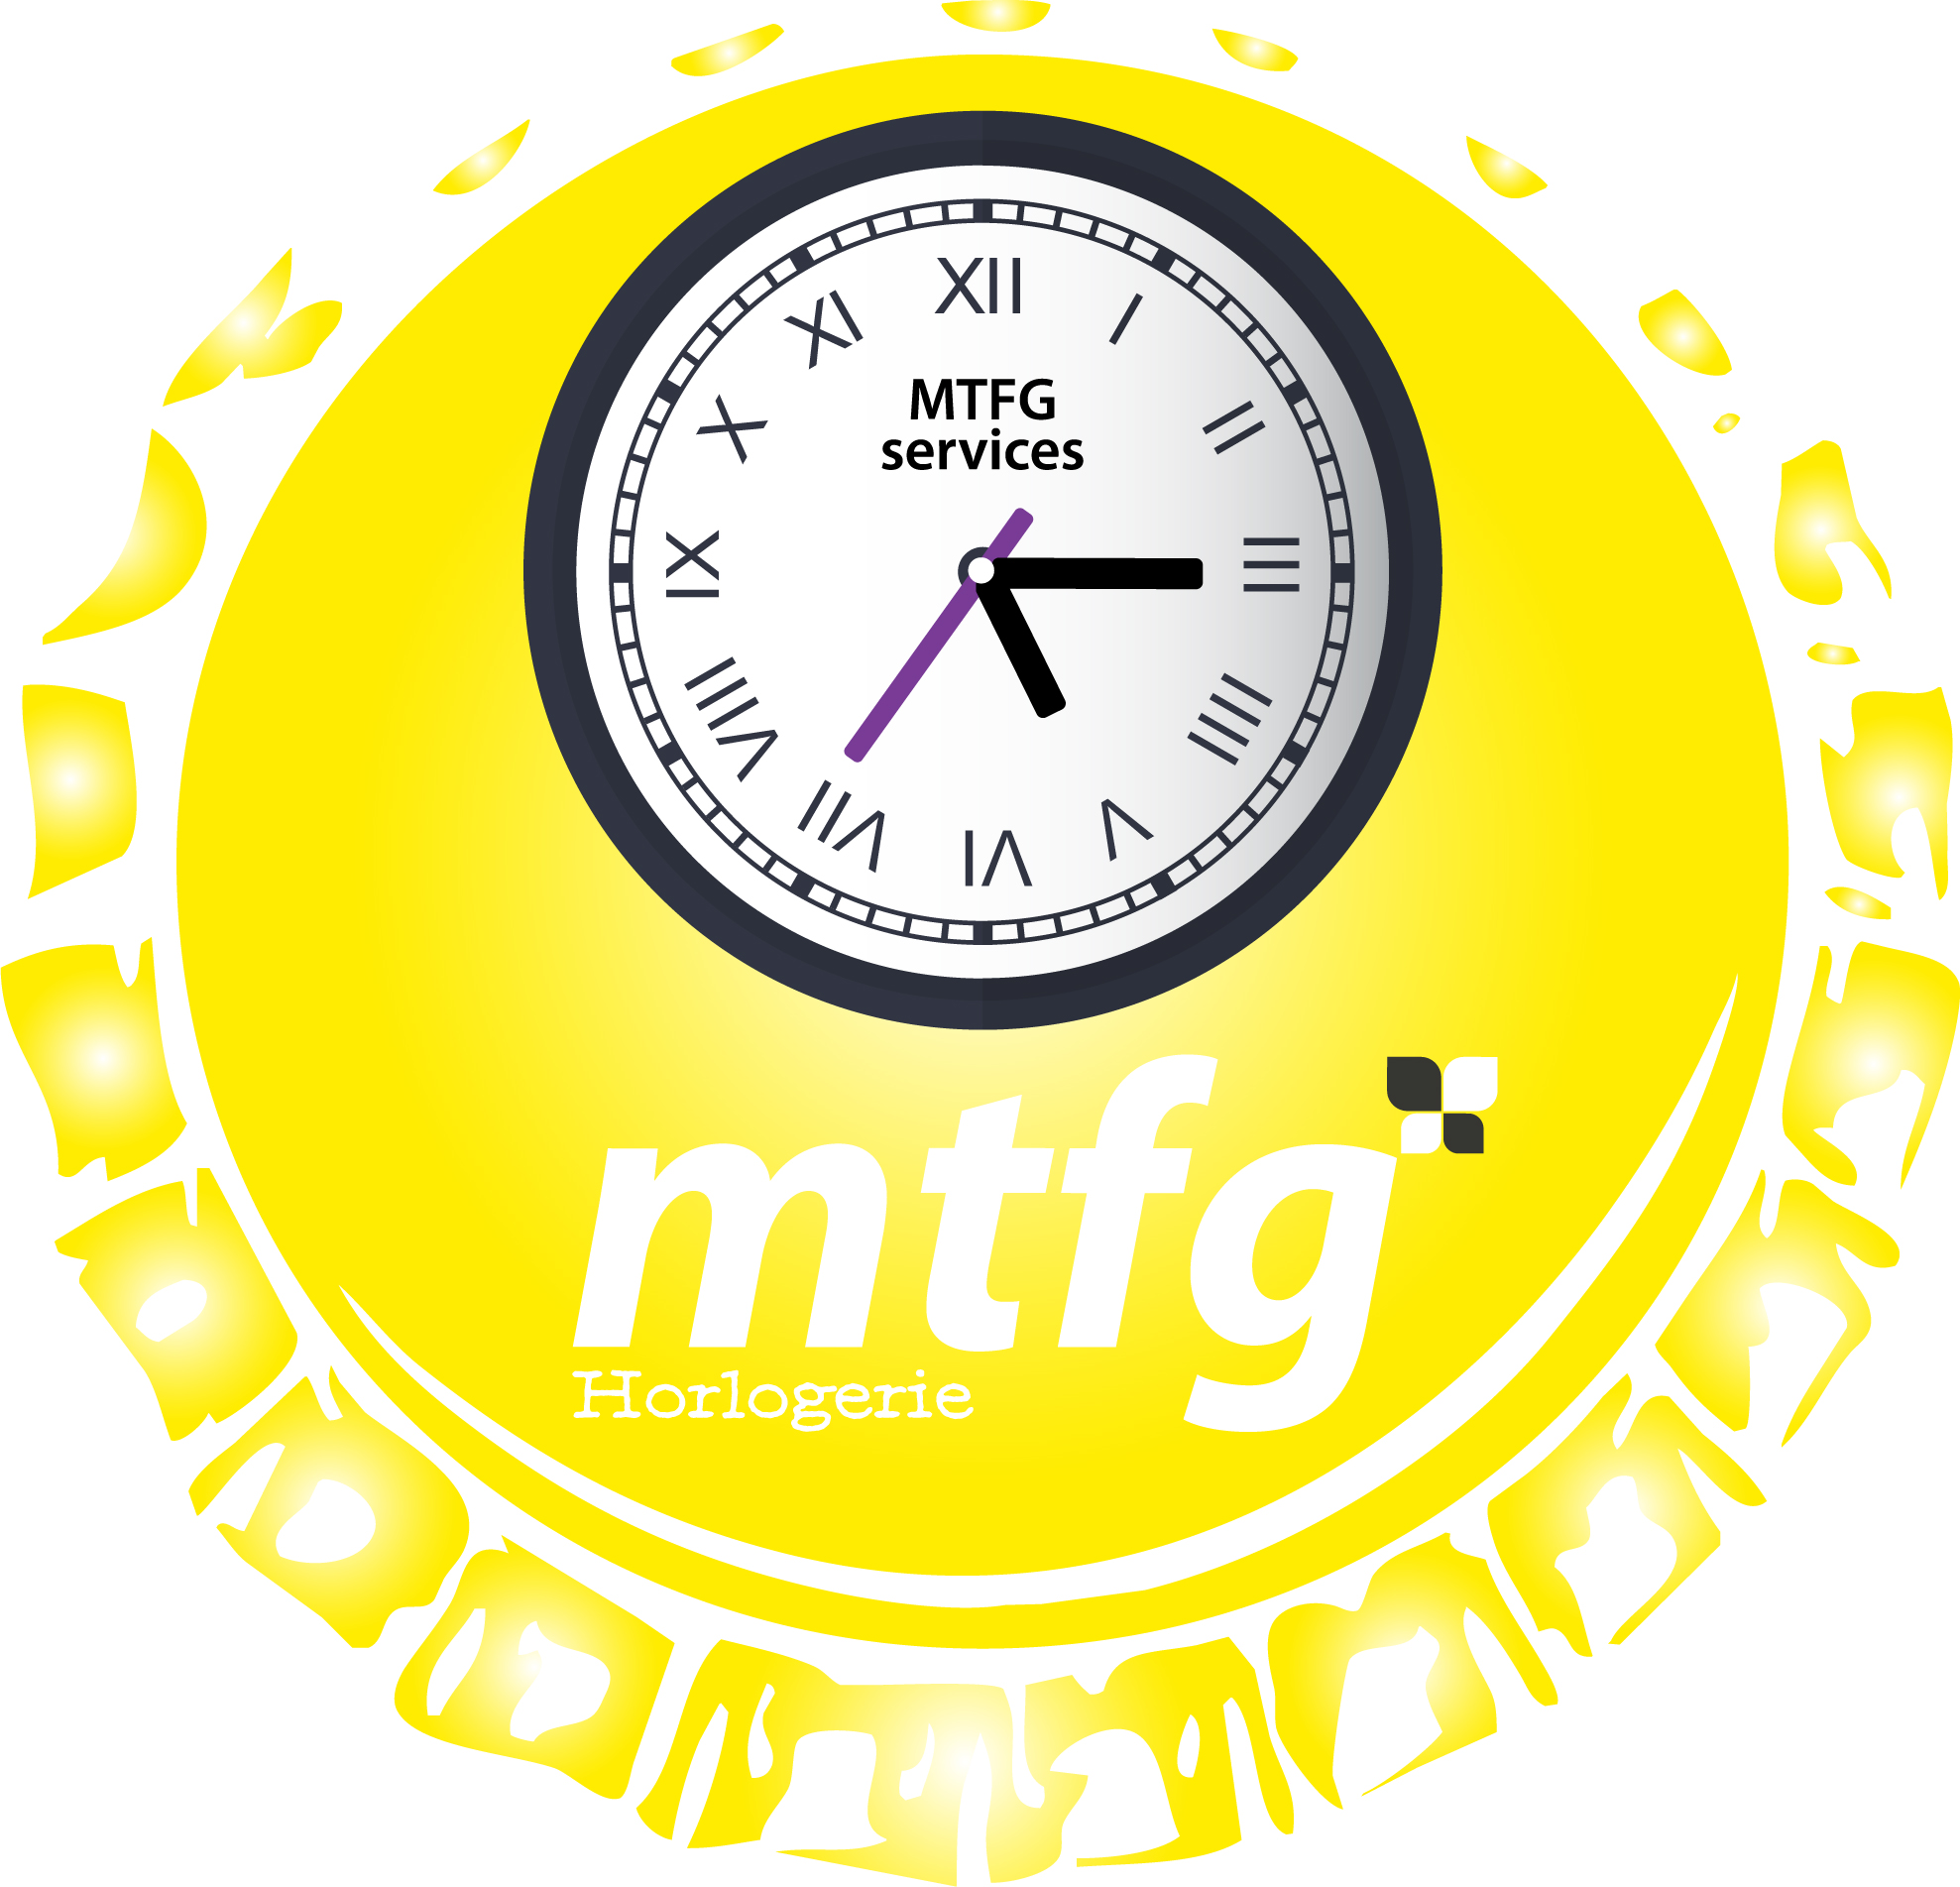 MTFG Horlogerie